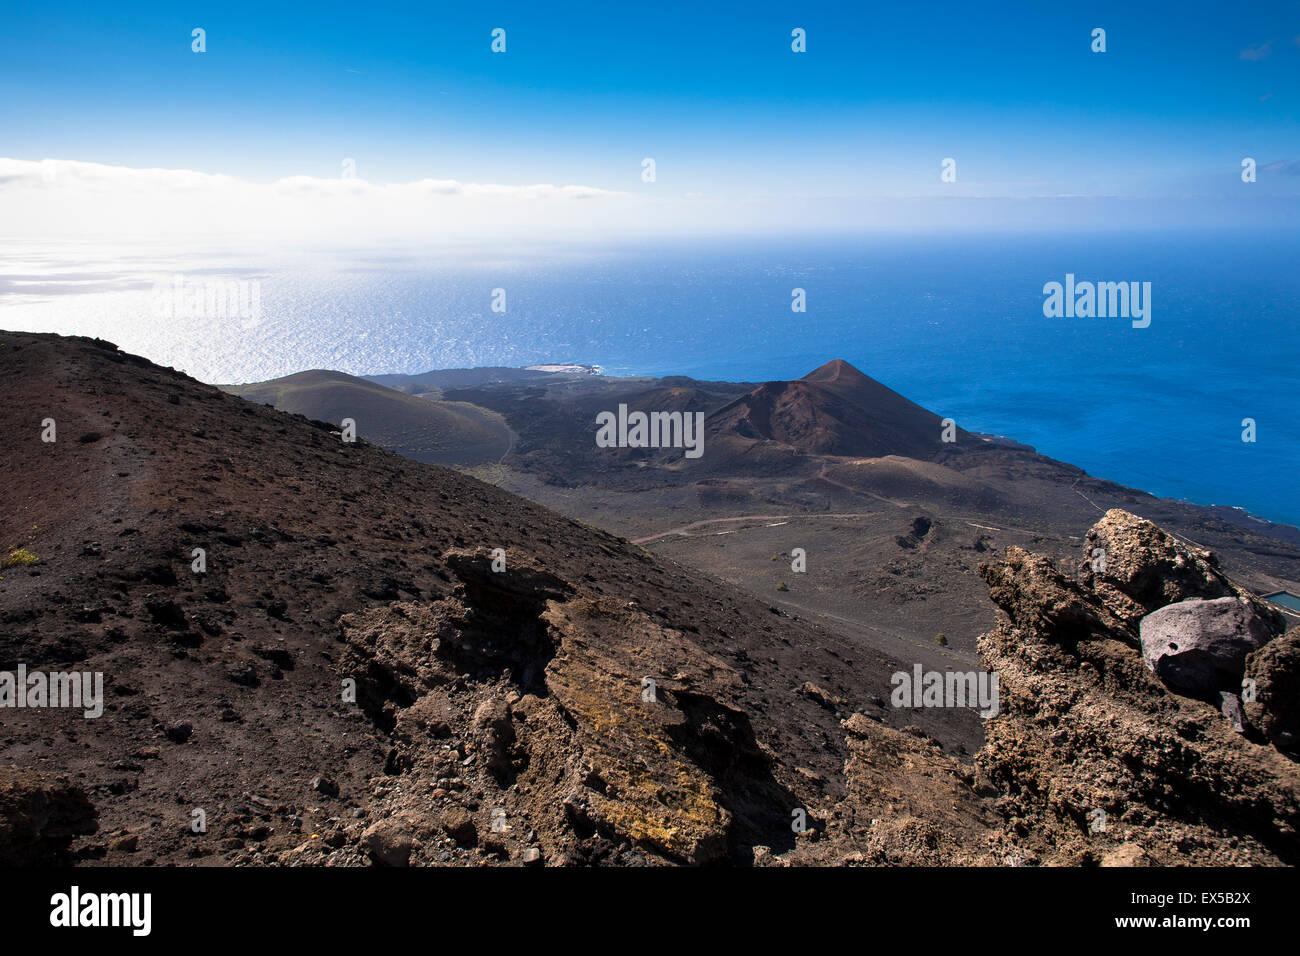 ESP, Spanien, die Kanaren Insel La Palma, Blick vom Vulkan San Antonio zum Vulkan Teneguia nahe Fuencaliente / Stockbild